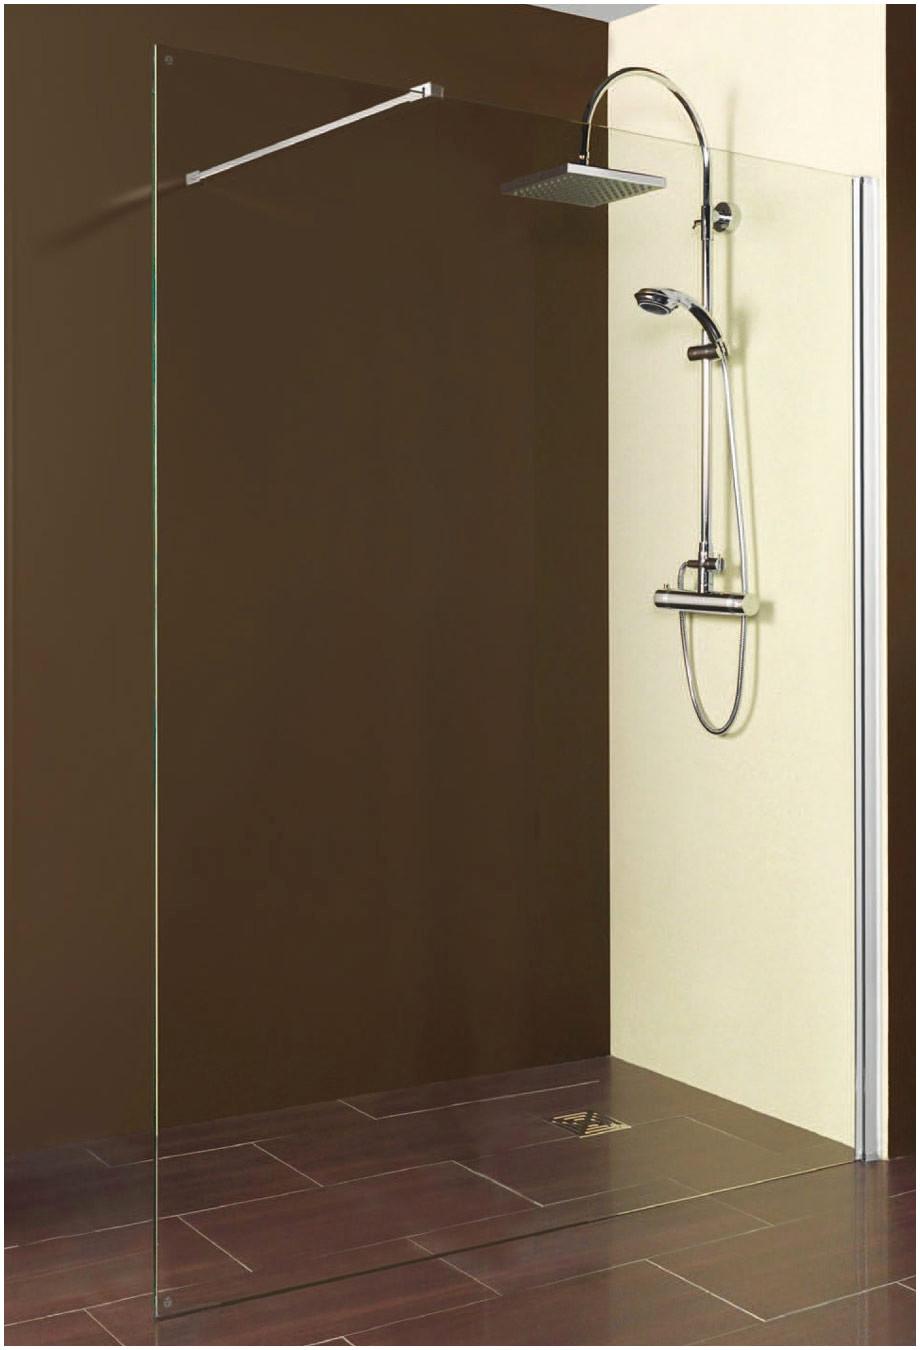 Full Size of Ebenerdige Dusche Kosten Badewanne Hüppe Duschen Begehbare Unterputz Armatur Fenster Erneuern Schulte Werksverkauf Kaufen Koralle Walk In Badezimmer Dusche Ebenerdige Dusche Kosten